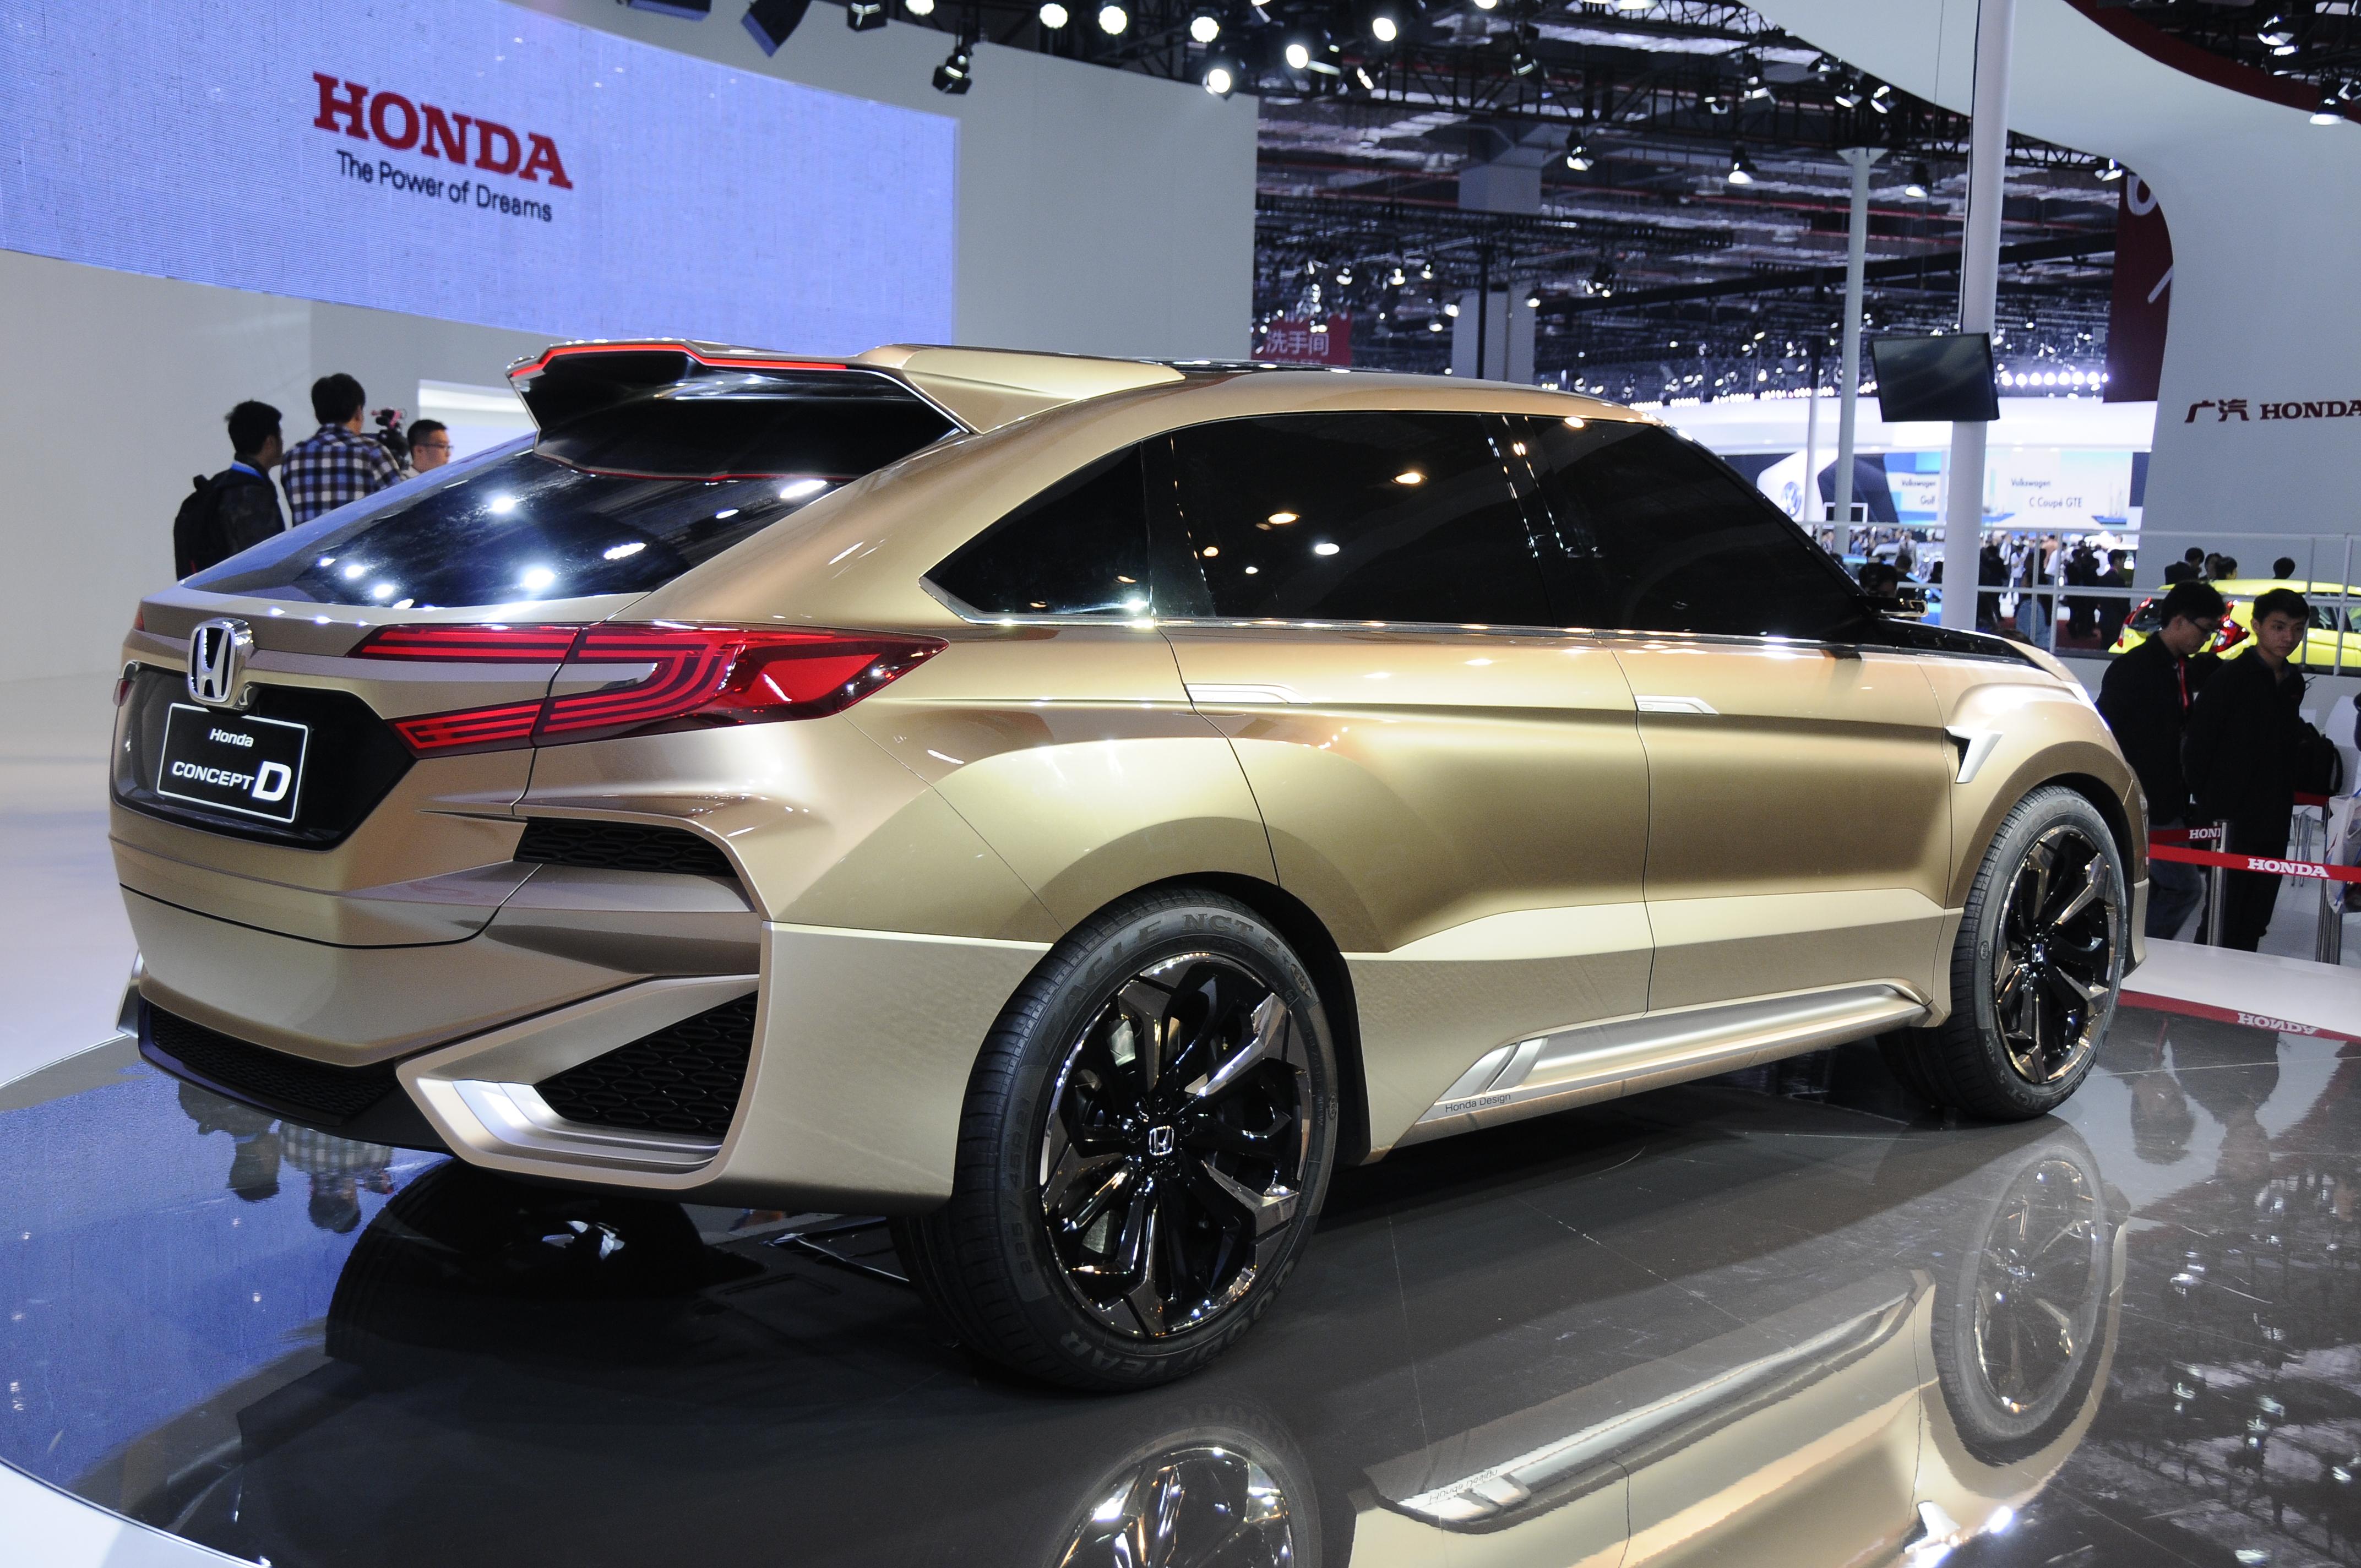 Honda Avancier SUV dilancarkan di China - 2.0T, 9AT honda ...